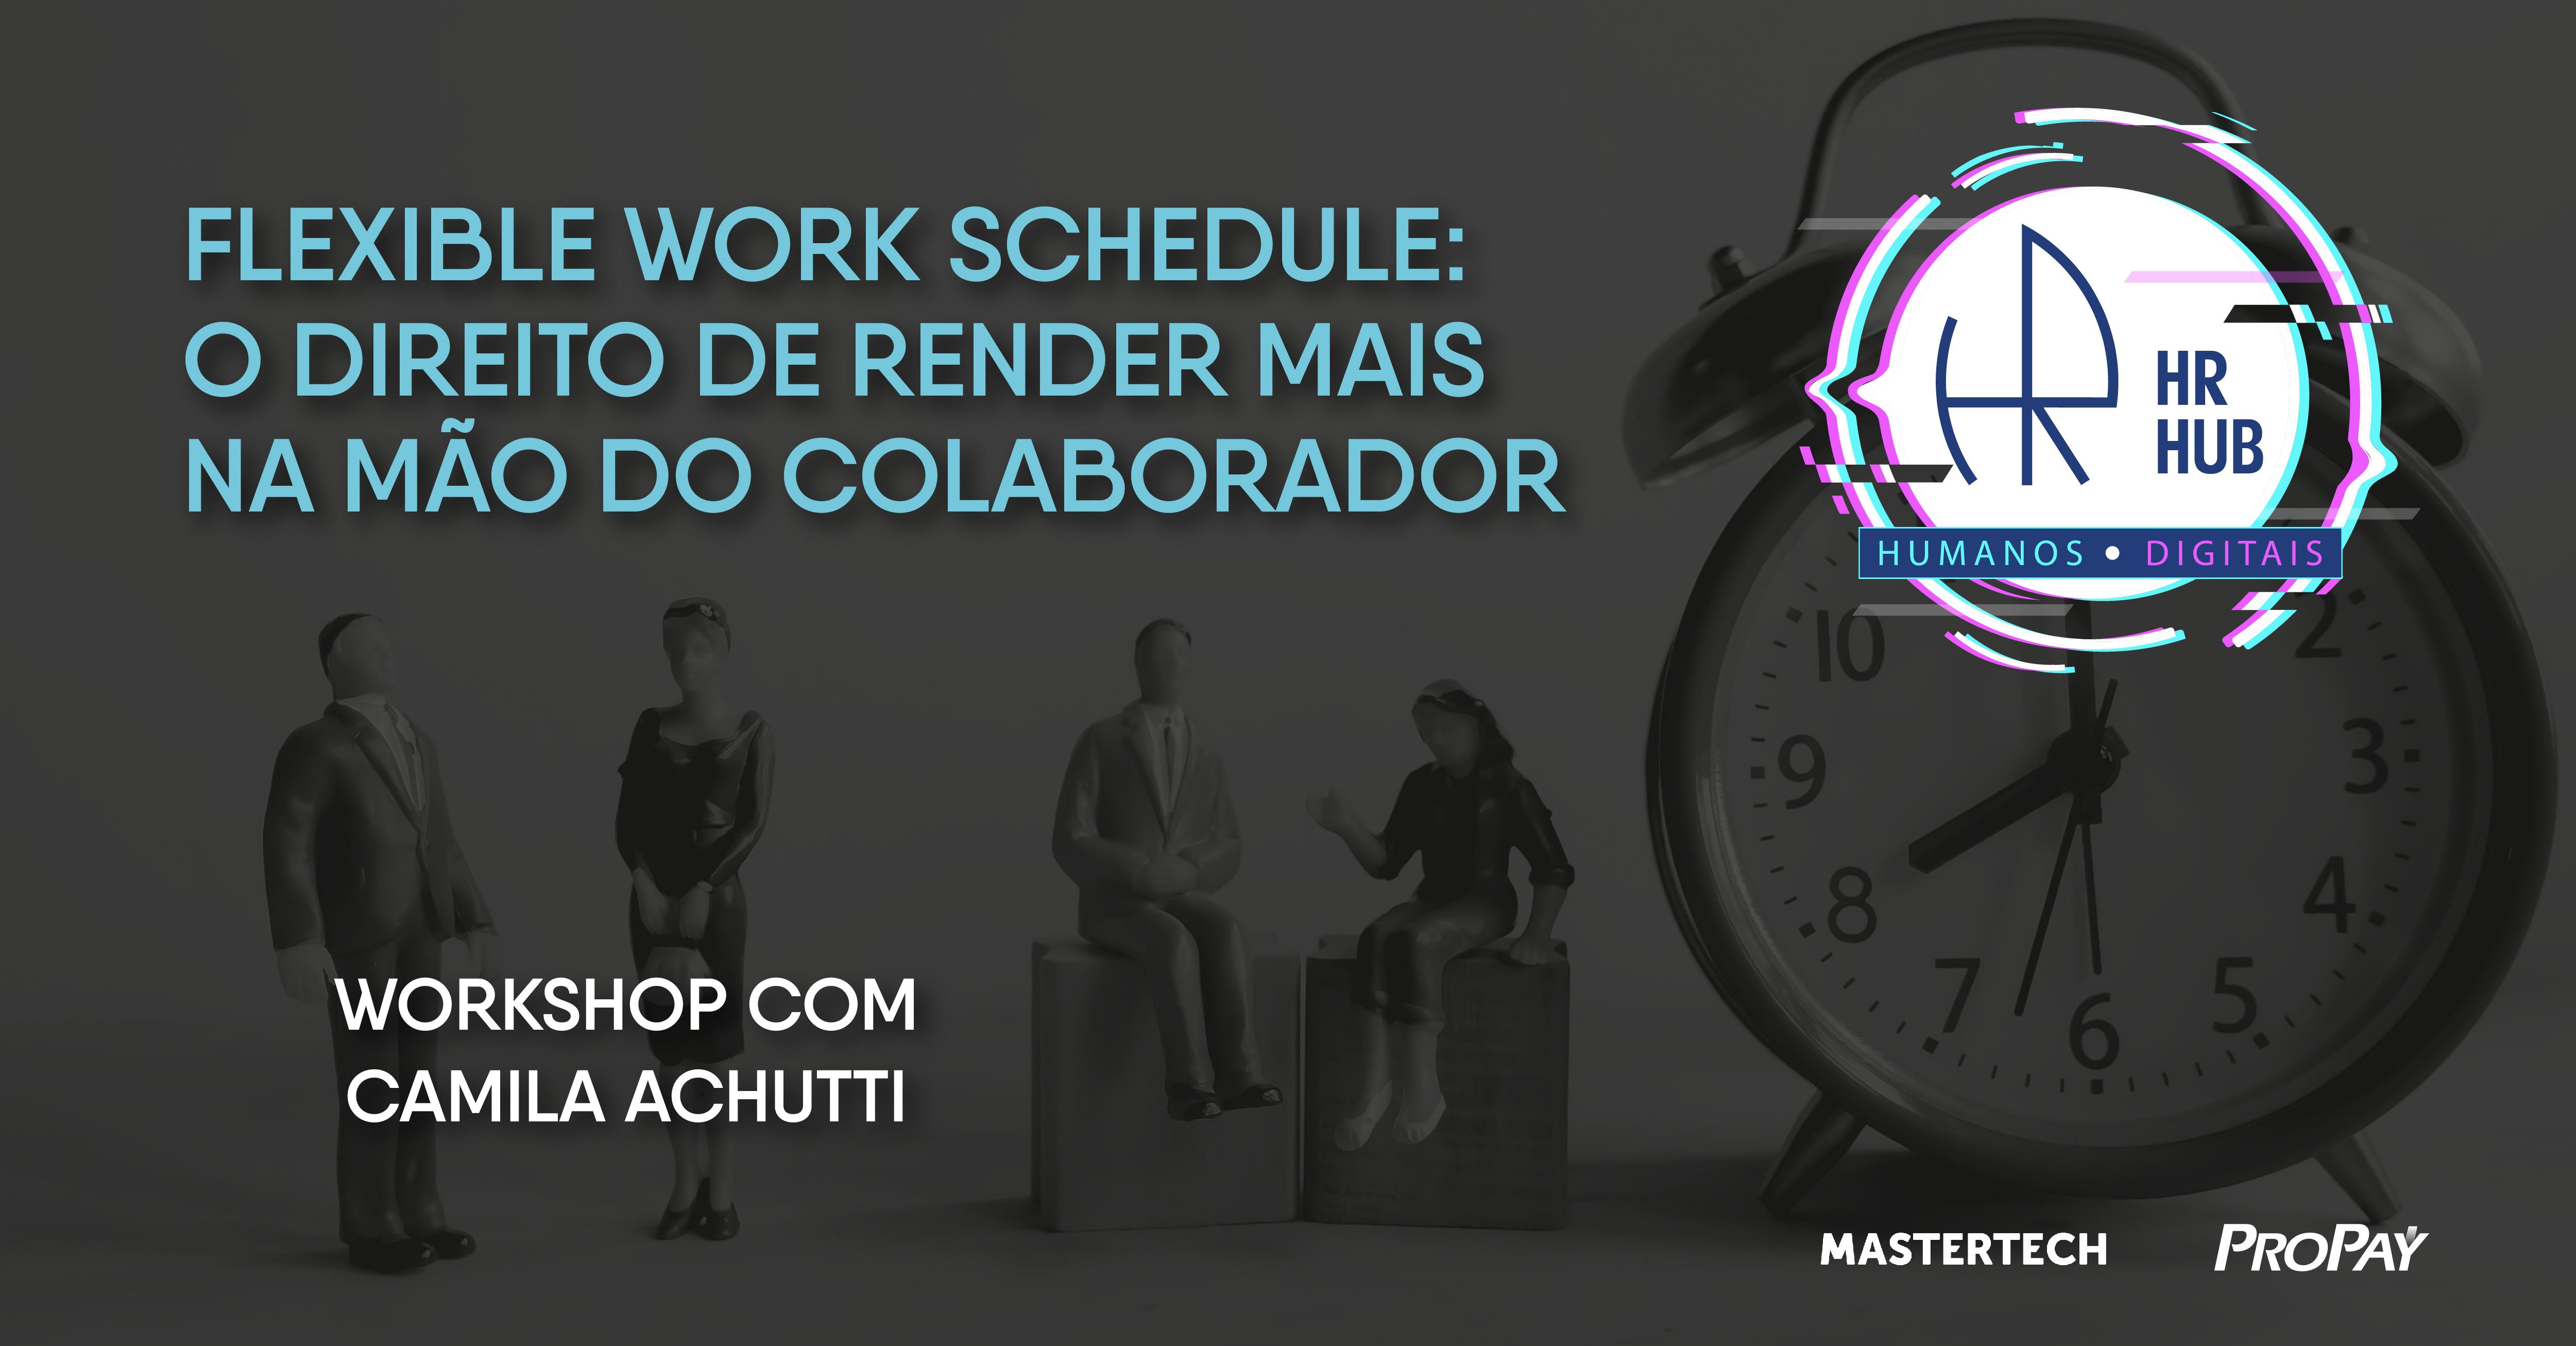 Flexible Work Schedule: o direito de render mais na mão do colaborador